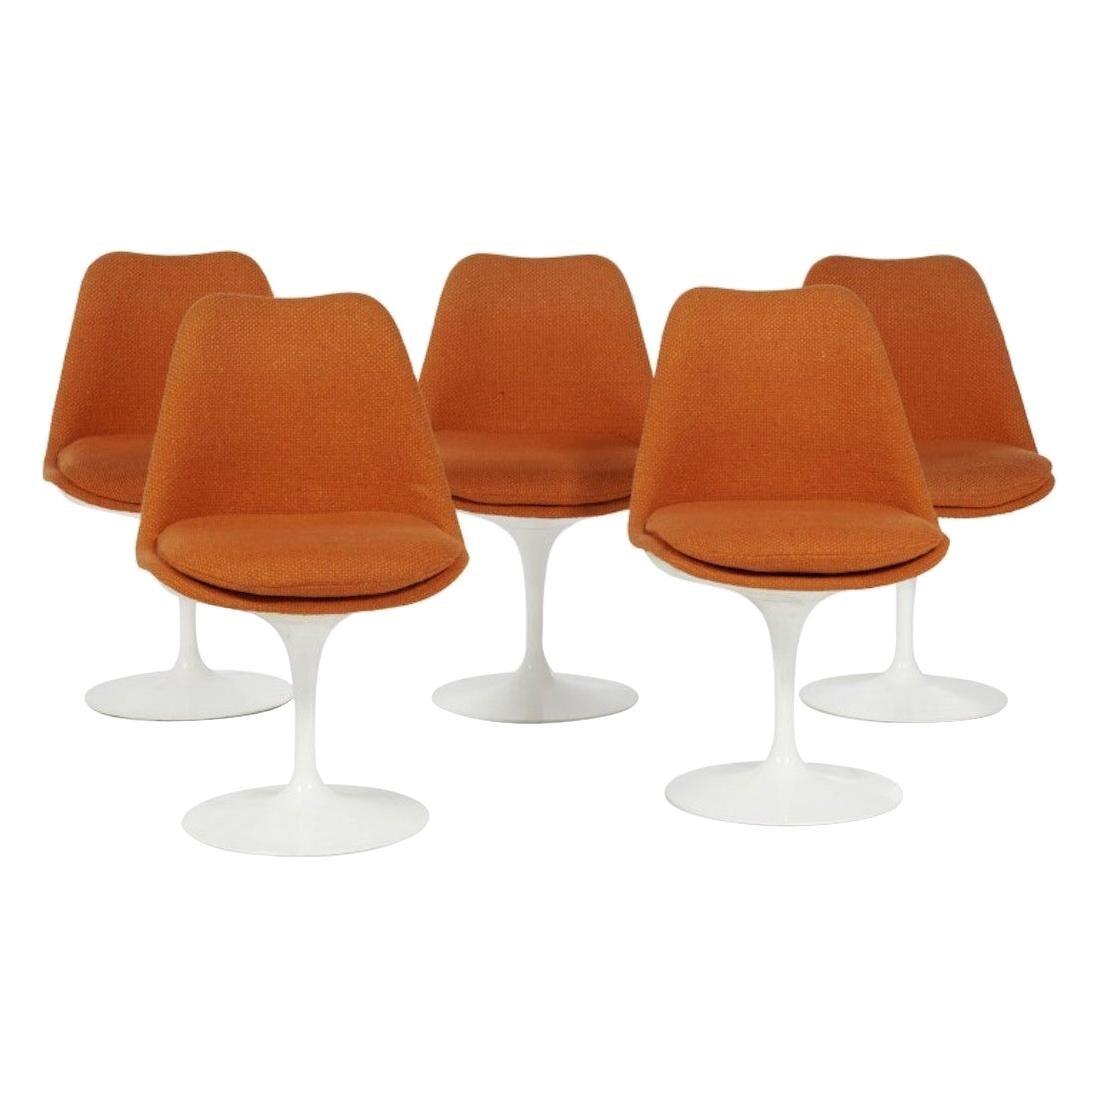 Eero Saarinen & Knoll 5 Tulip Chairs